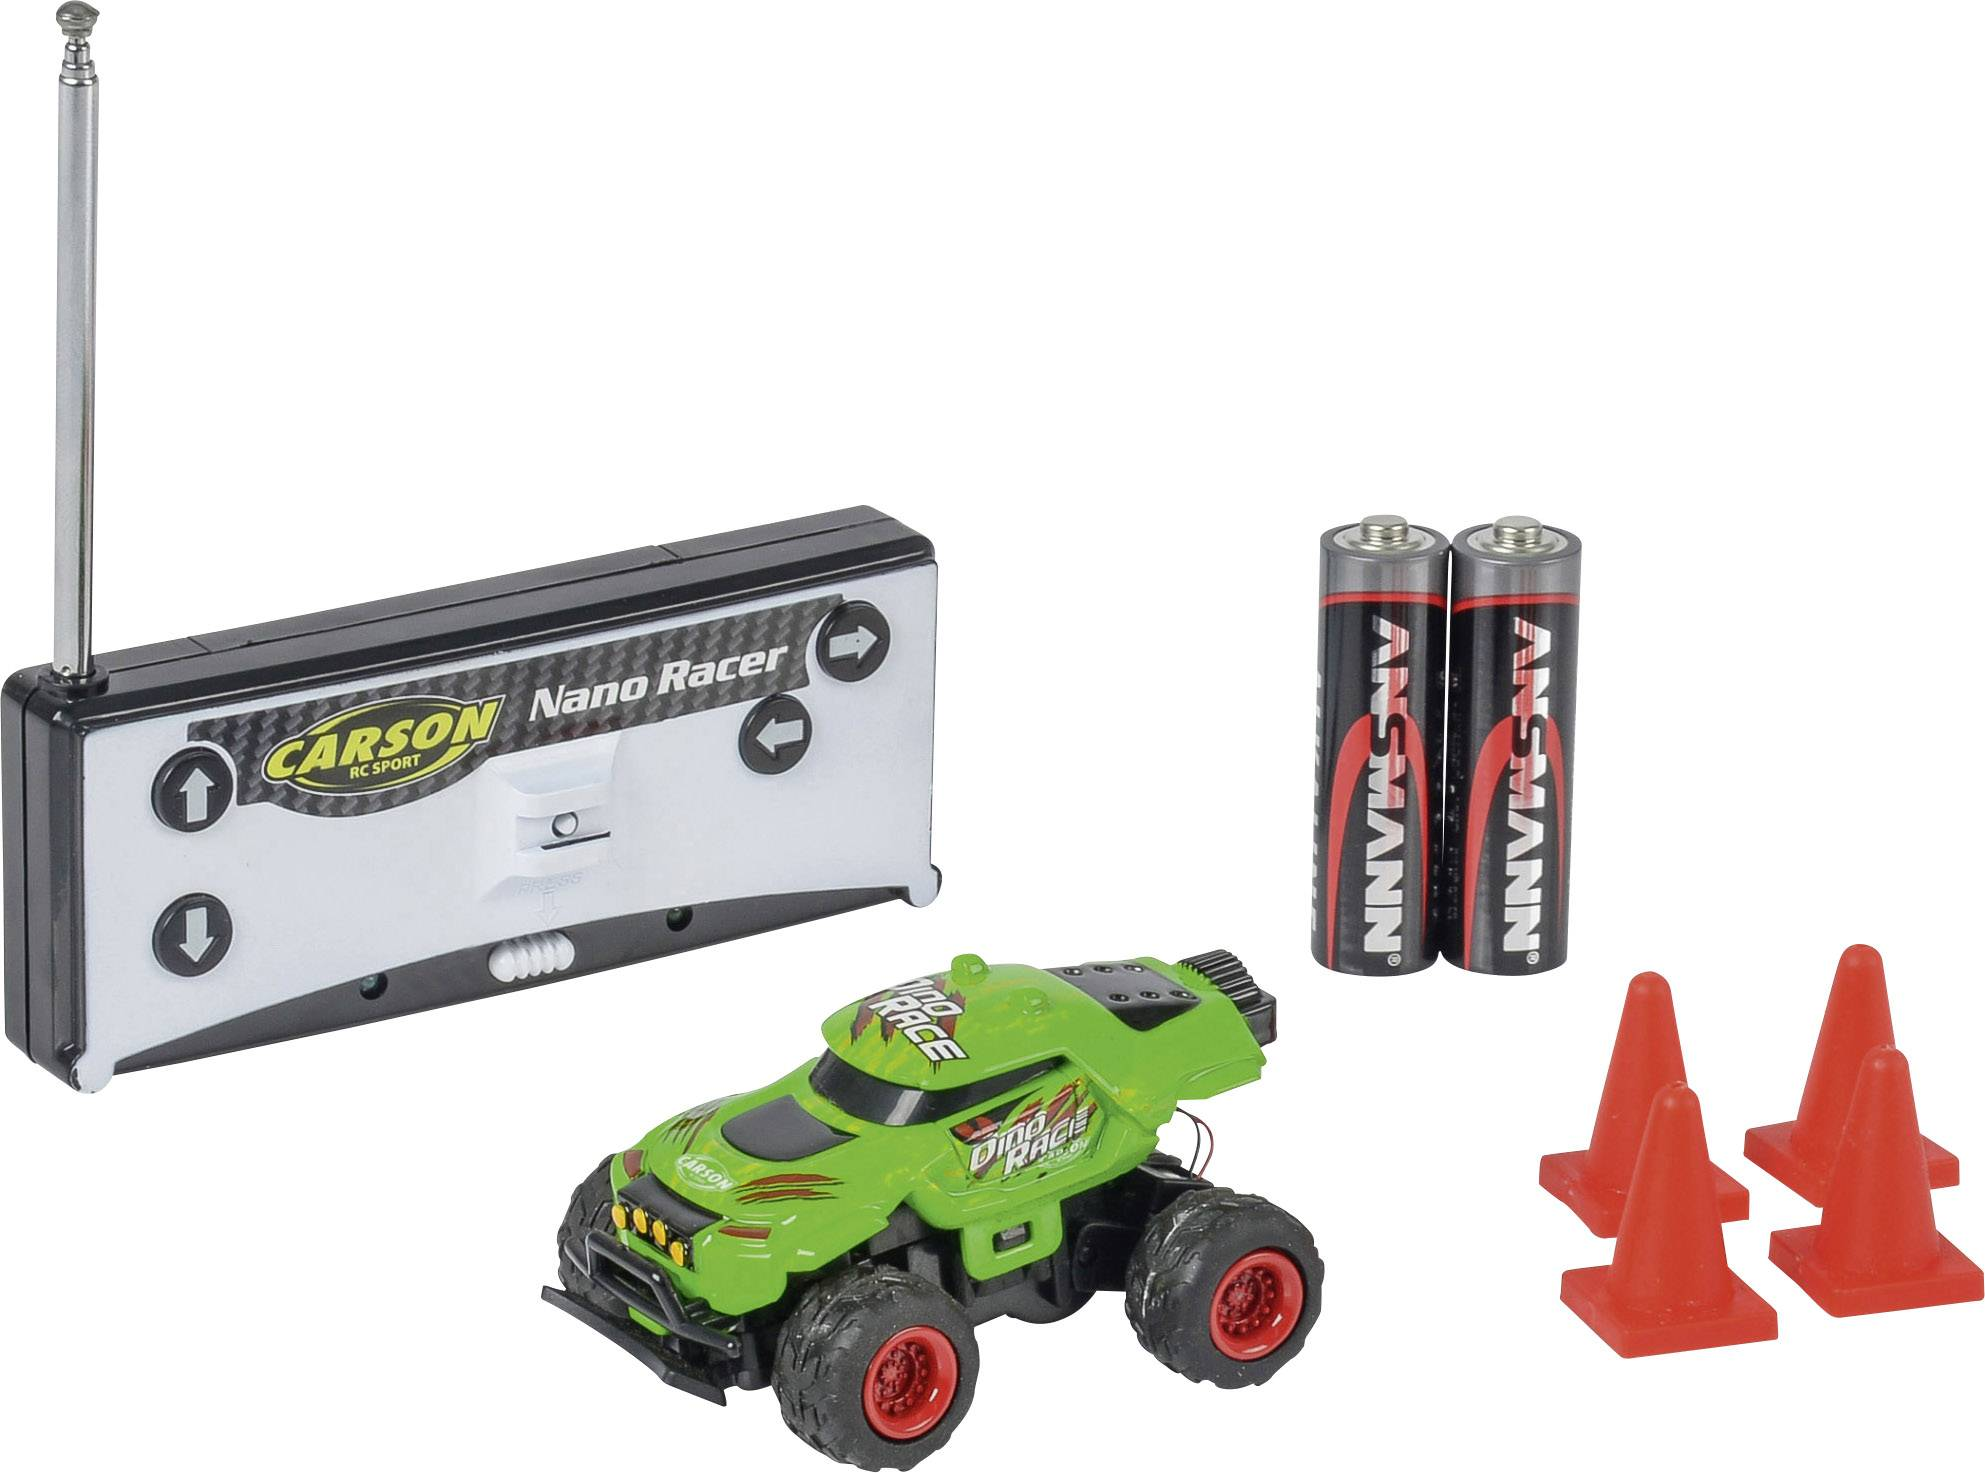 NANO RACER MONSTER TRUCK DISPLAY - RC Eksperten